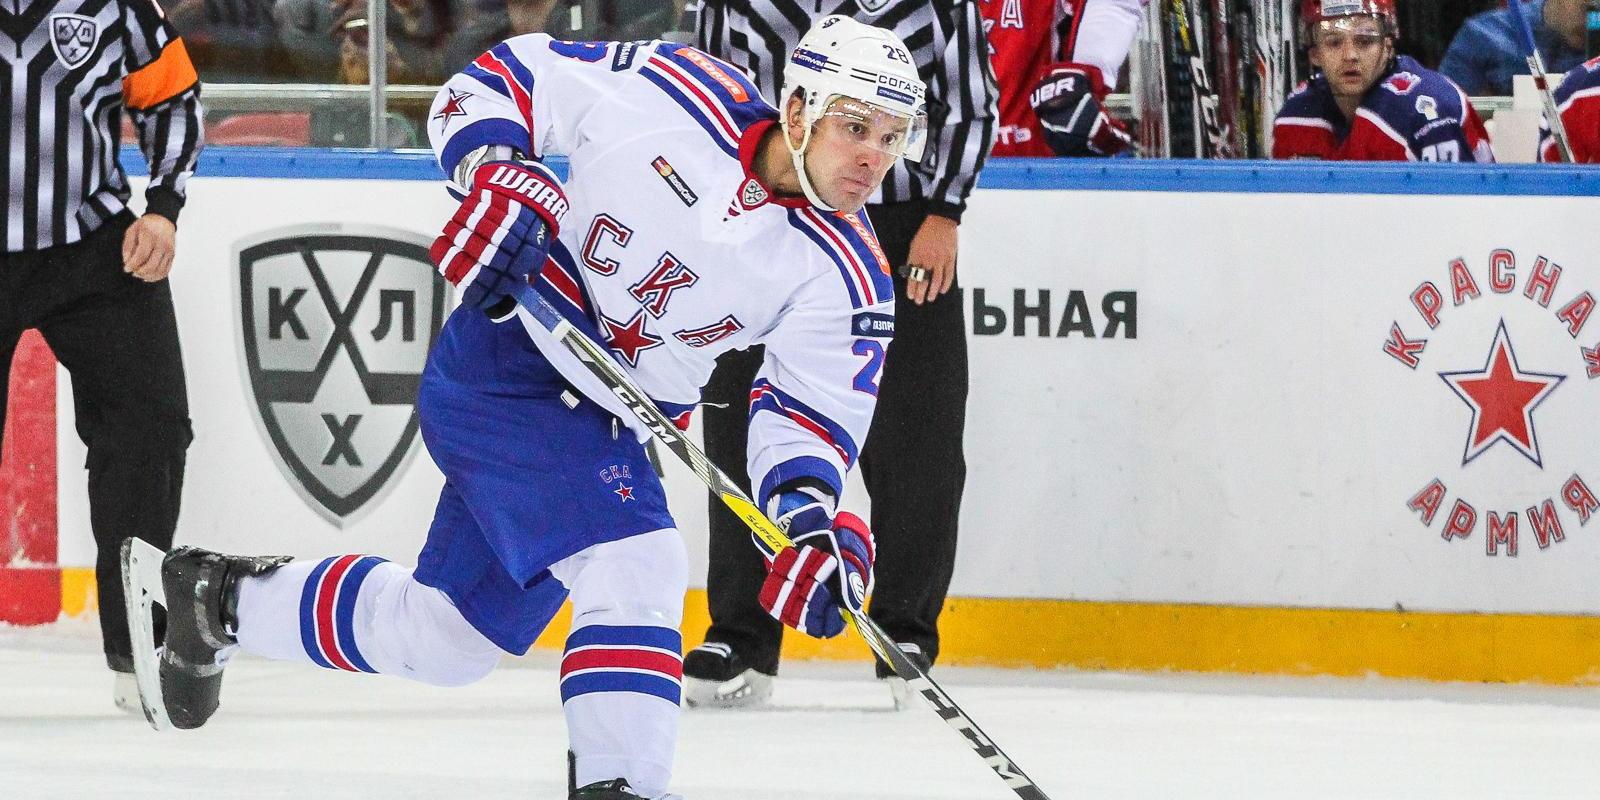 Чемпион ОИ-2018 Зубарев подписал 2-летний контракт со «Спартаком»